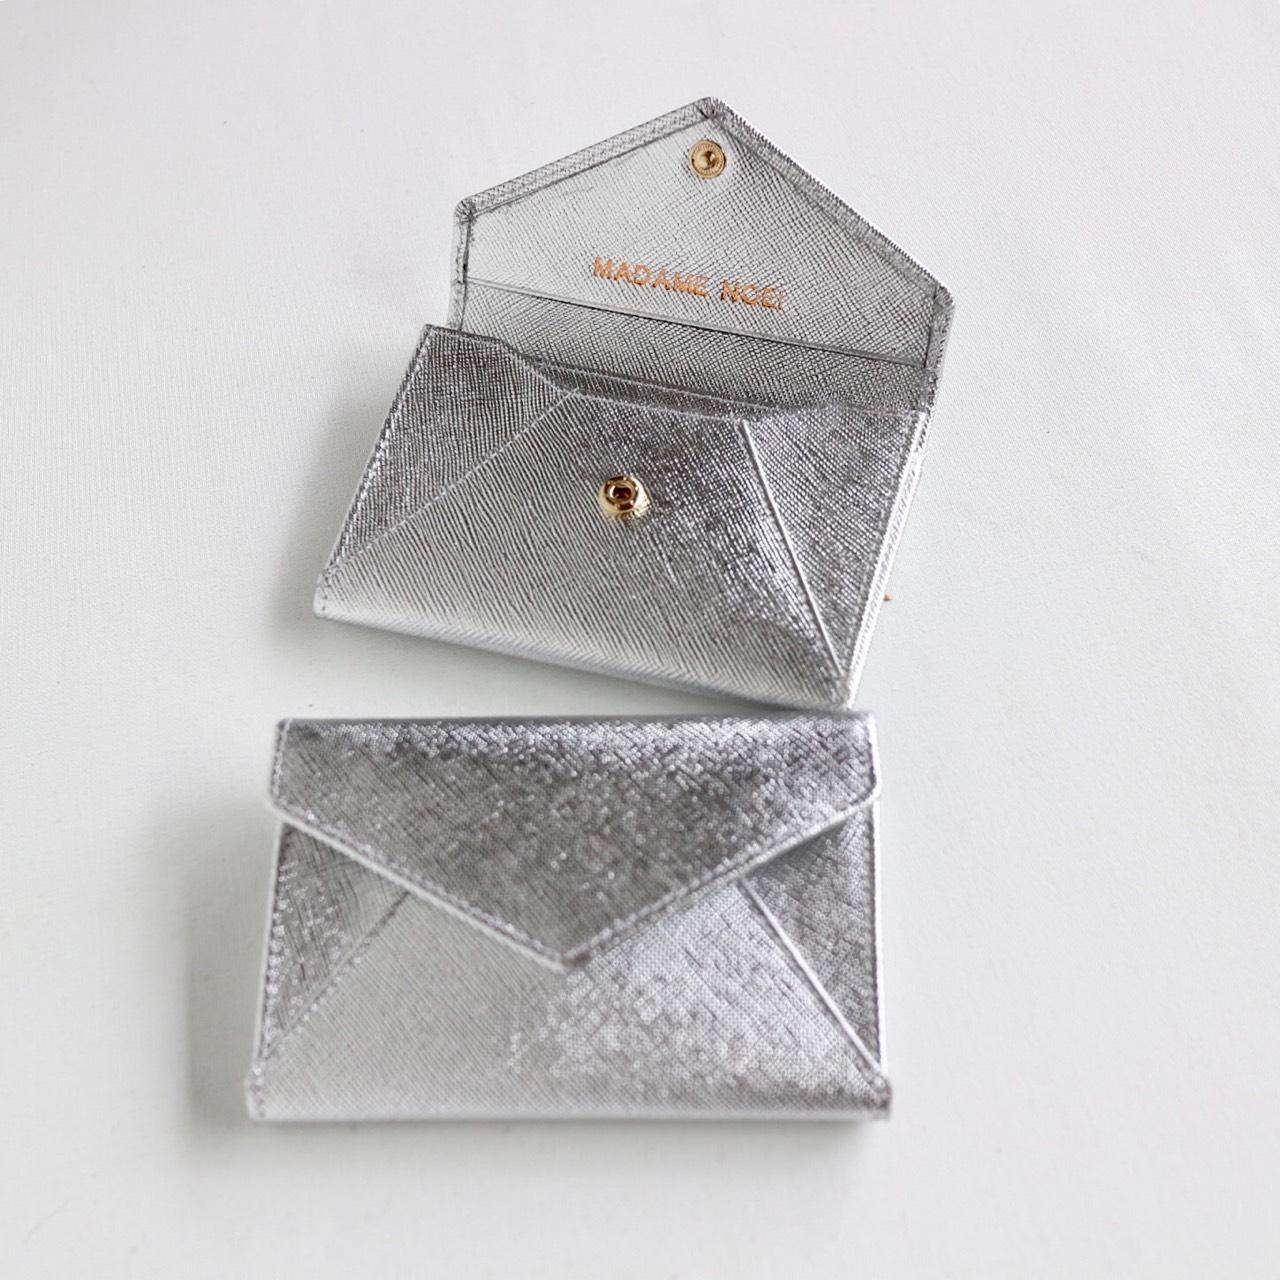 ateliervnychcha,กระเป๋า,กระเป๋าใส่บัตร,ซองใส่บัตร,ใส่บัตร,กระเป๋าสะพาย,กระเป๋าหนัง,กระเป๋าผู้หญิง